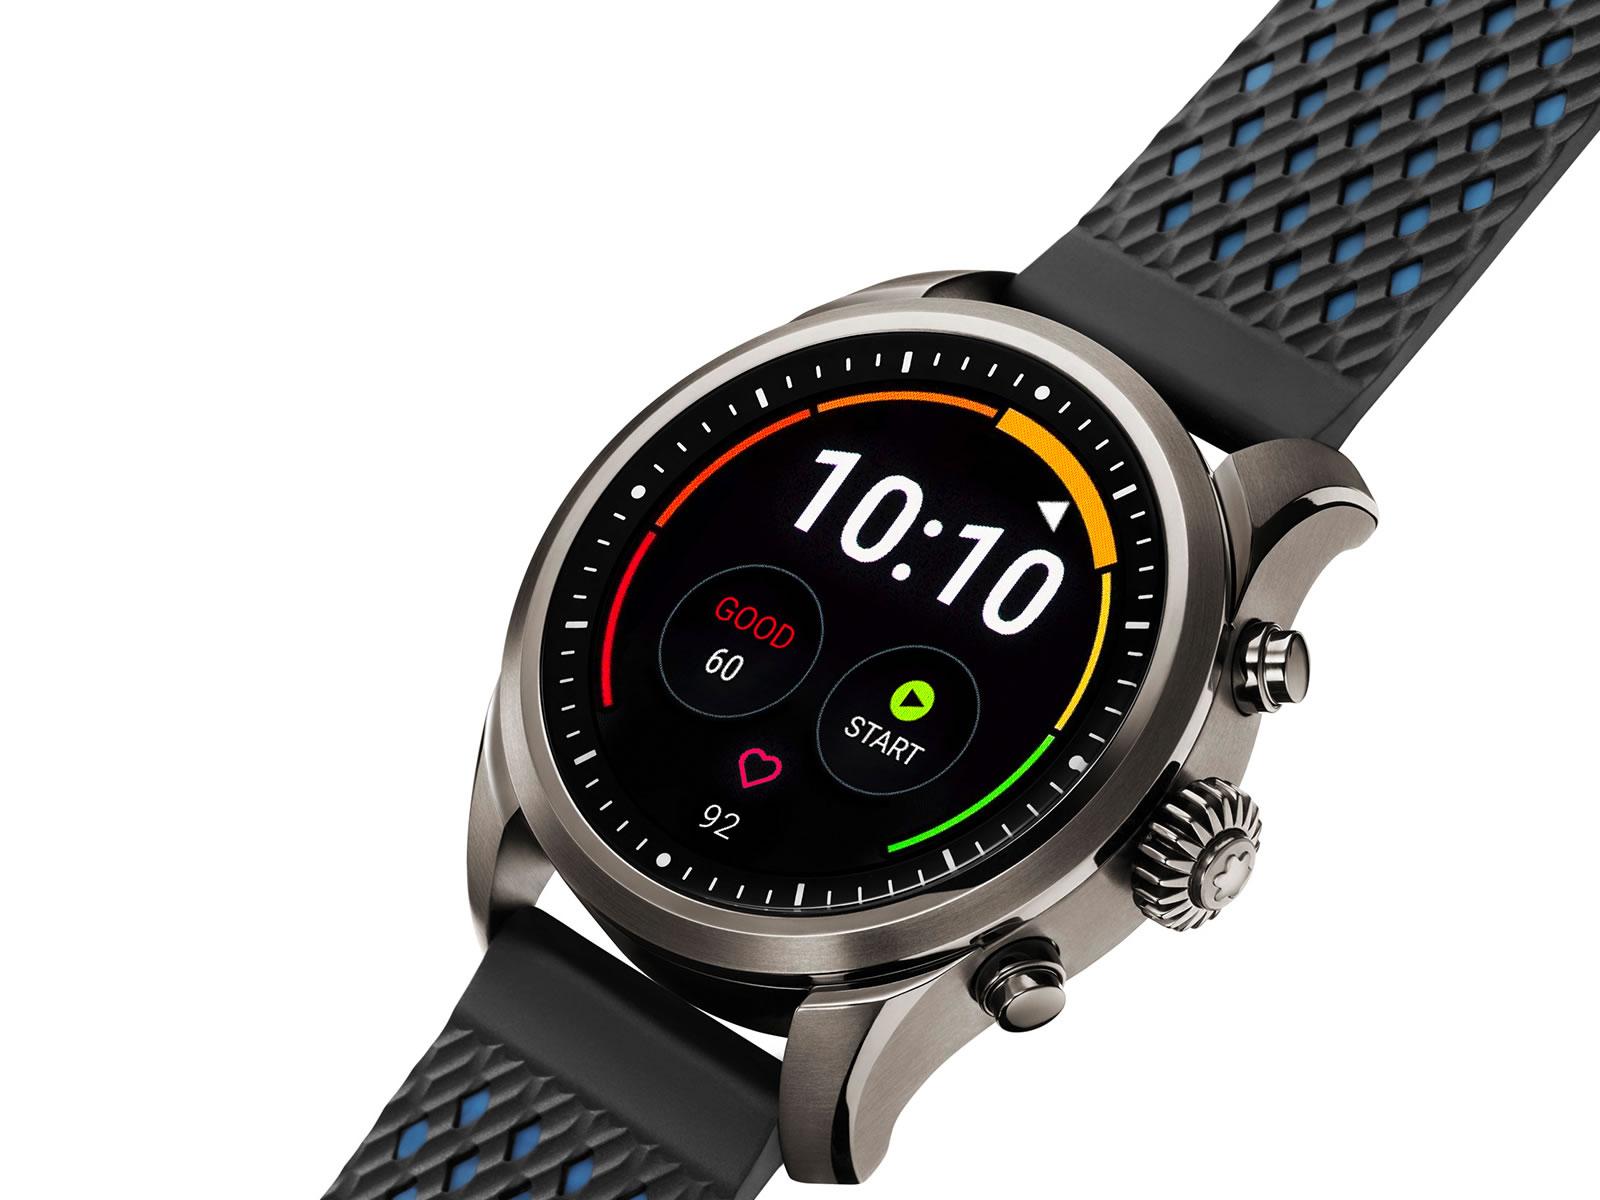 montblanc-summit-2-smartwatch-7-.jpg